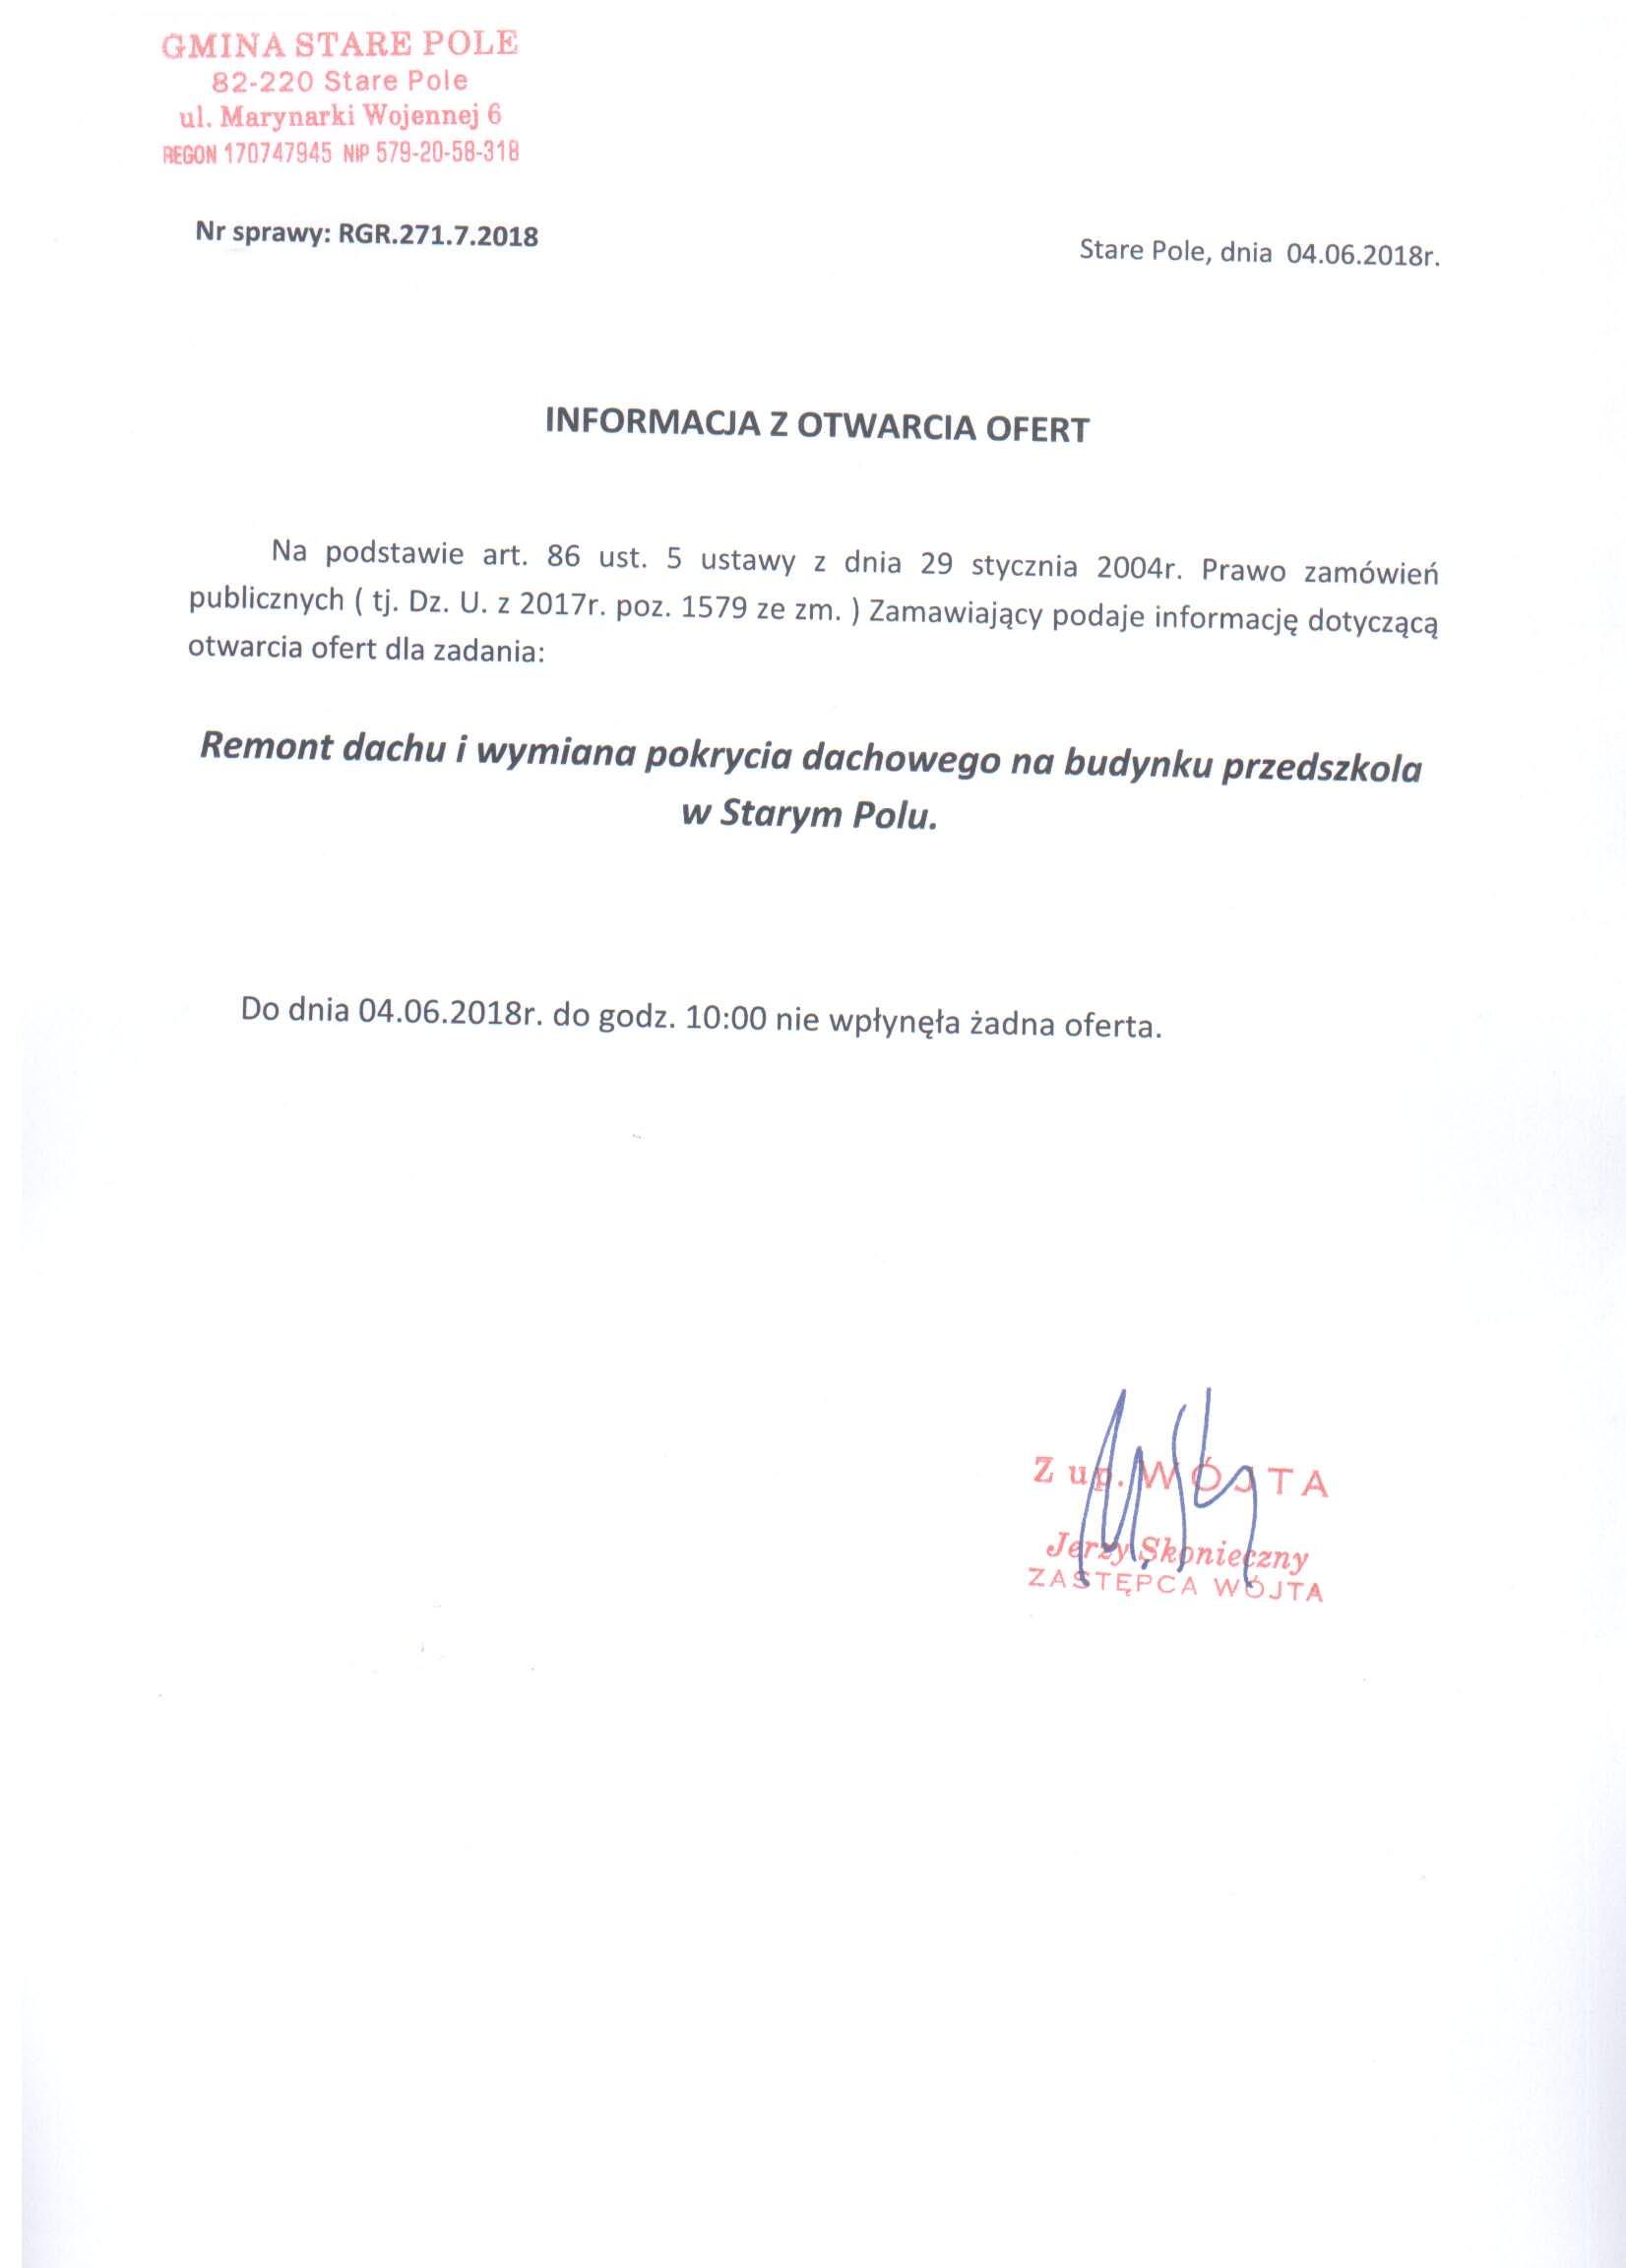 Informacja z dnia 4 czerwca 2018 r. z otwarcia ofert